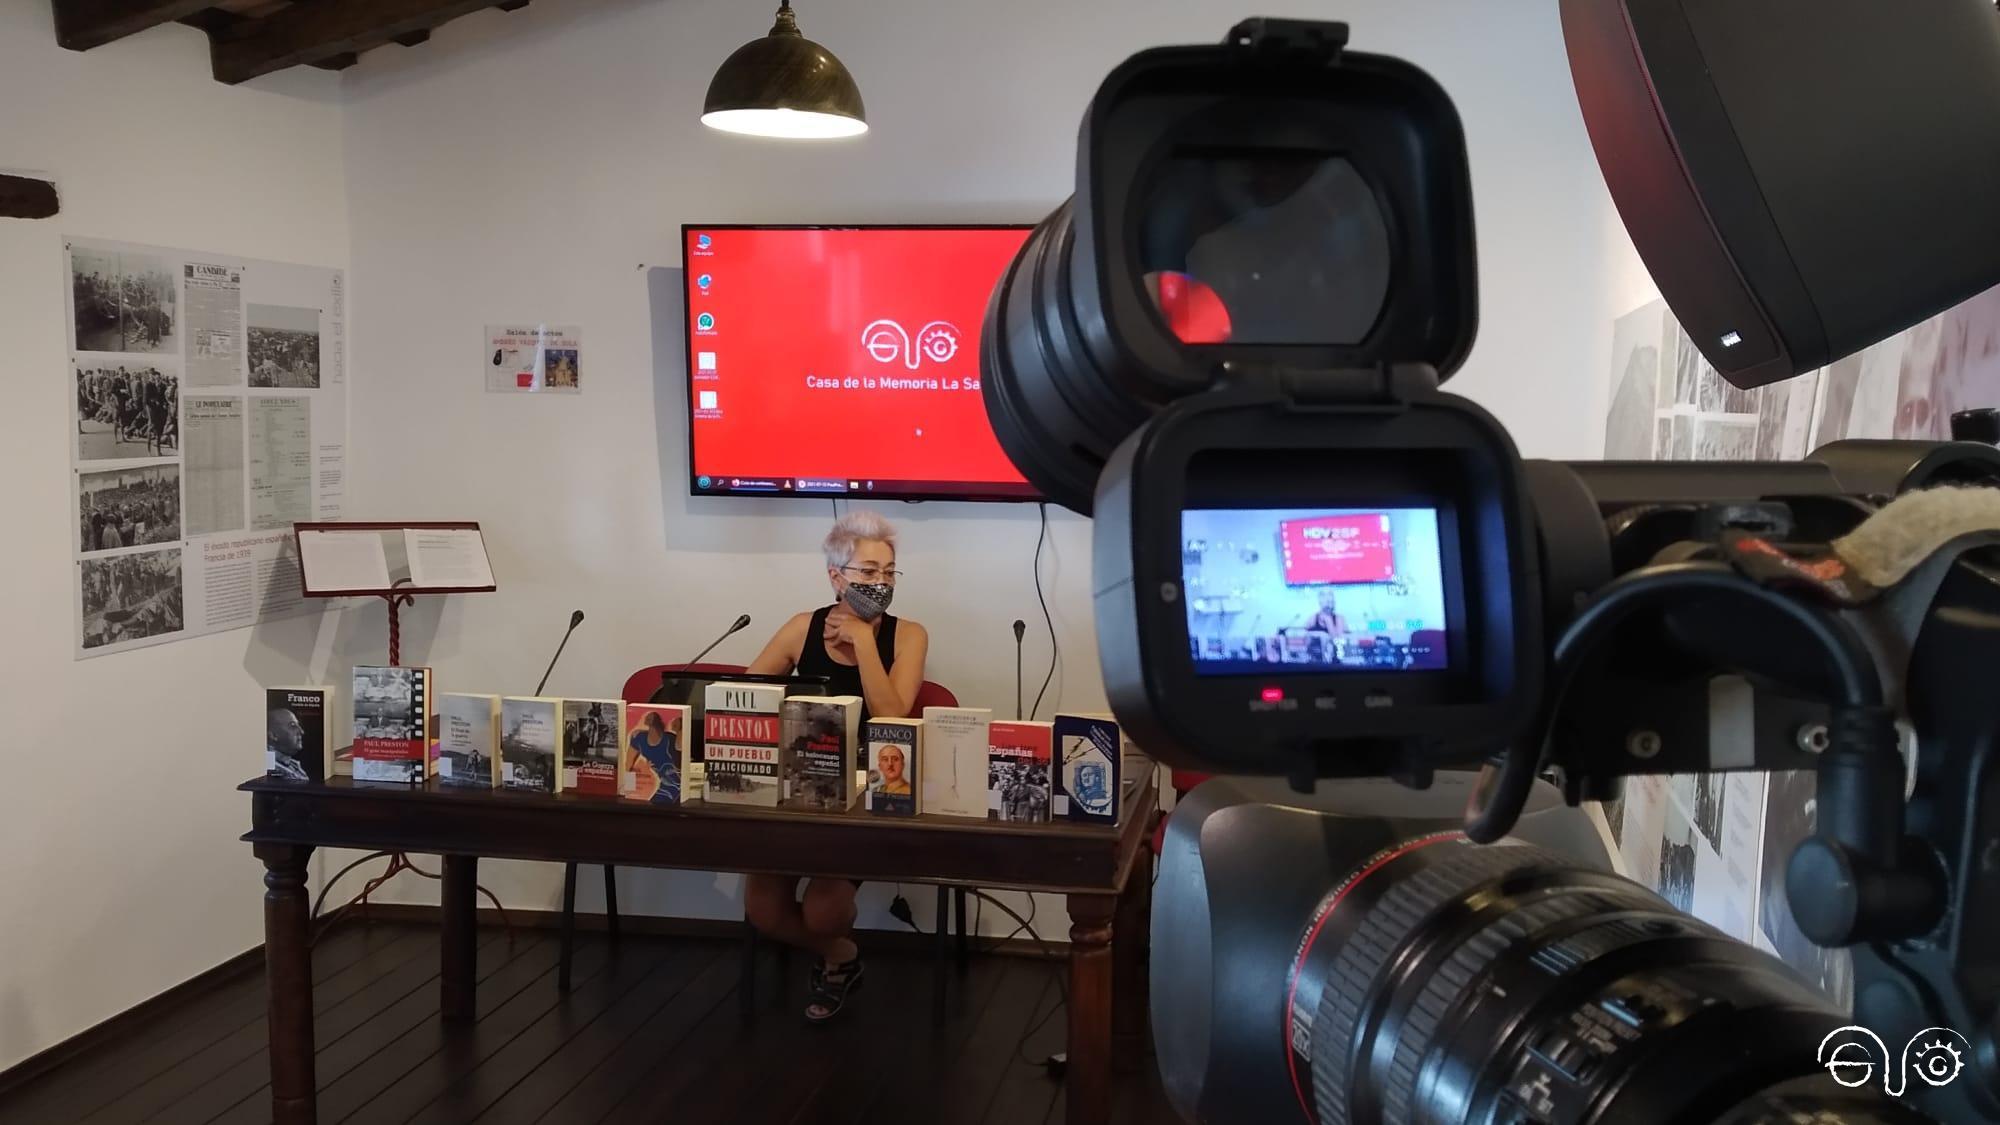 La presidenta de la Asociación Casa de la Memoria, Malgara García Díaz, en la presentación de la entrevista a Paul Preston.